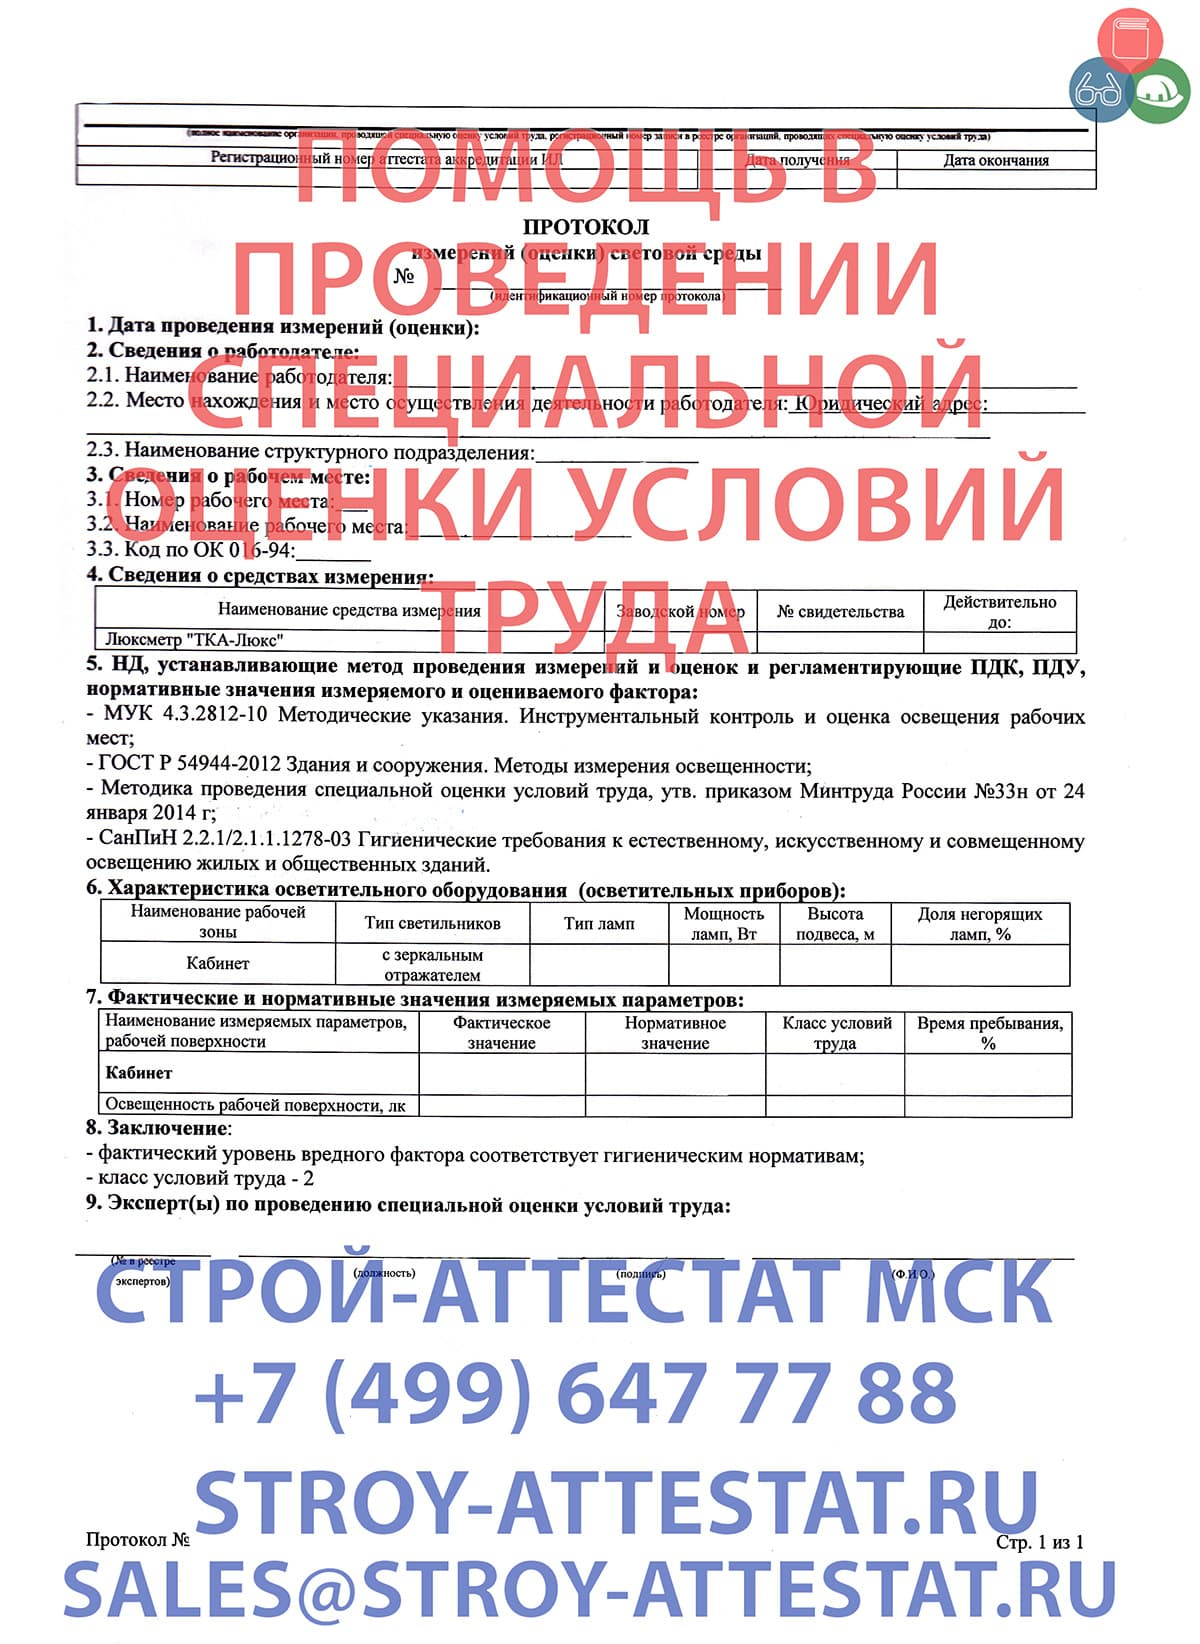 аккредитованные организации по оценке рабочих мест